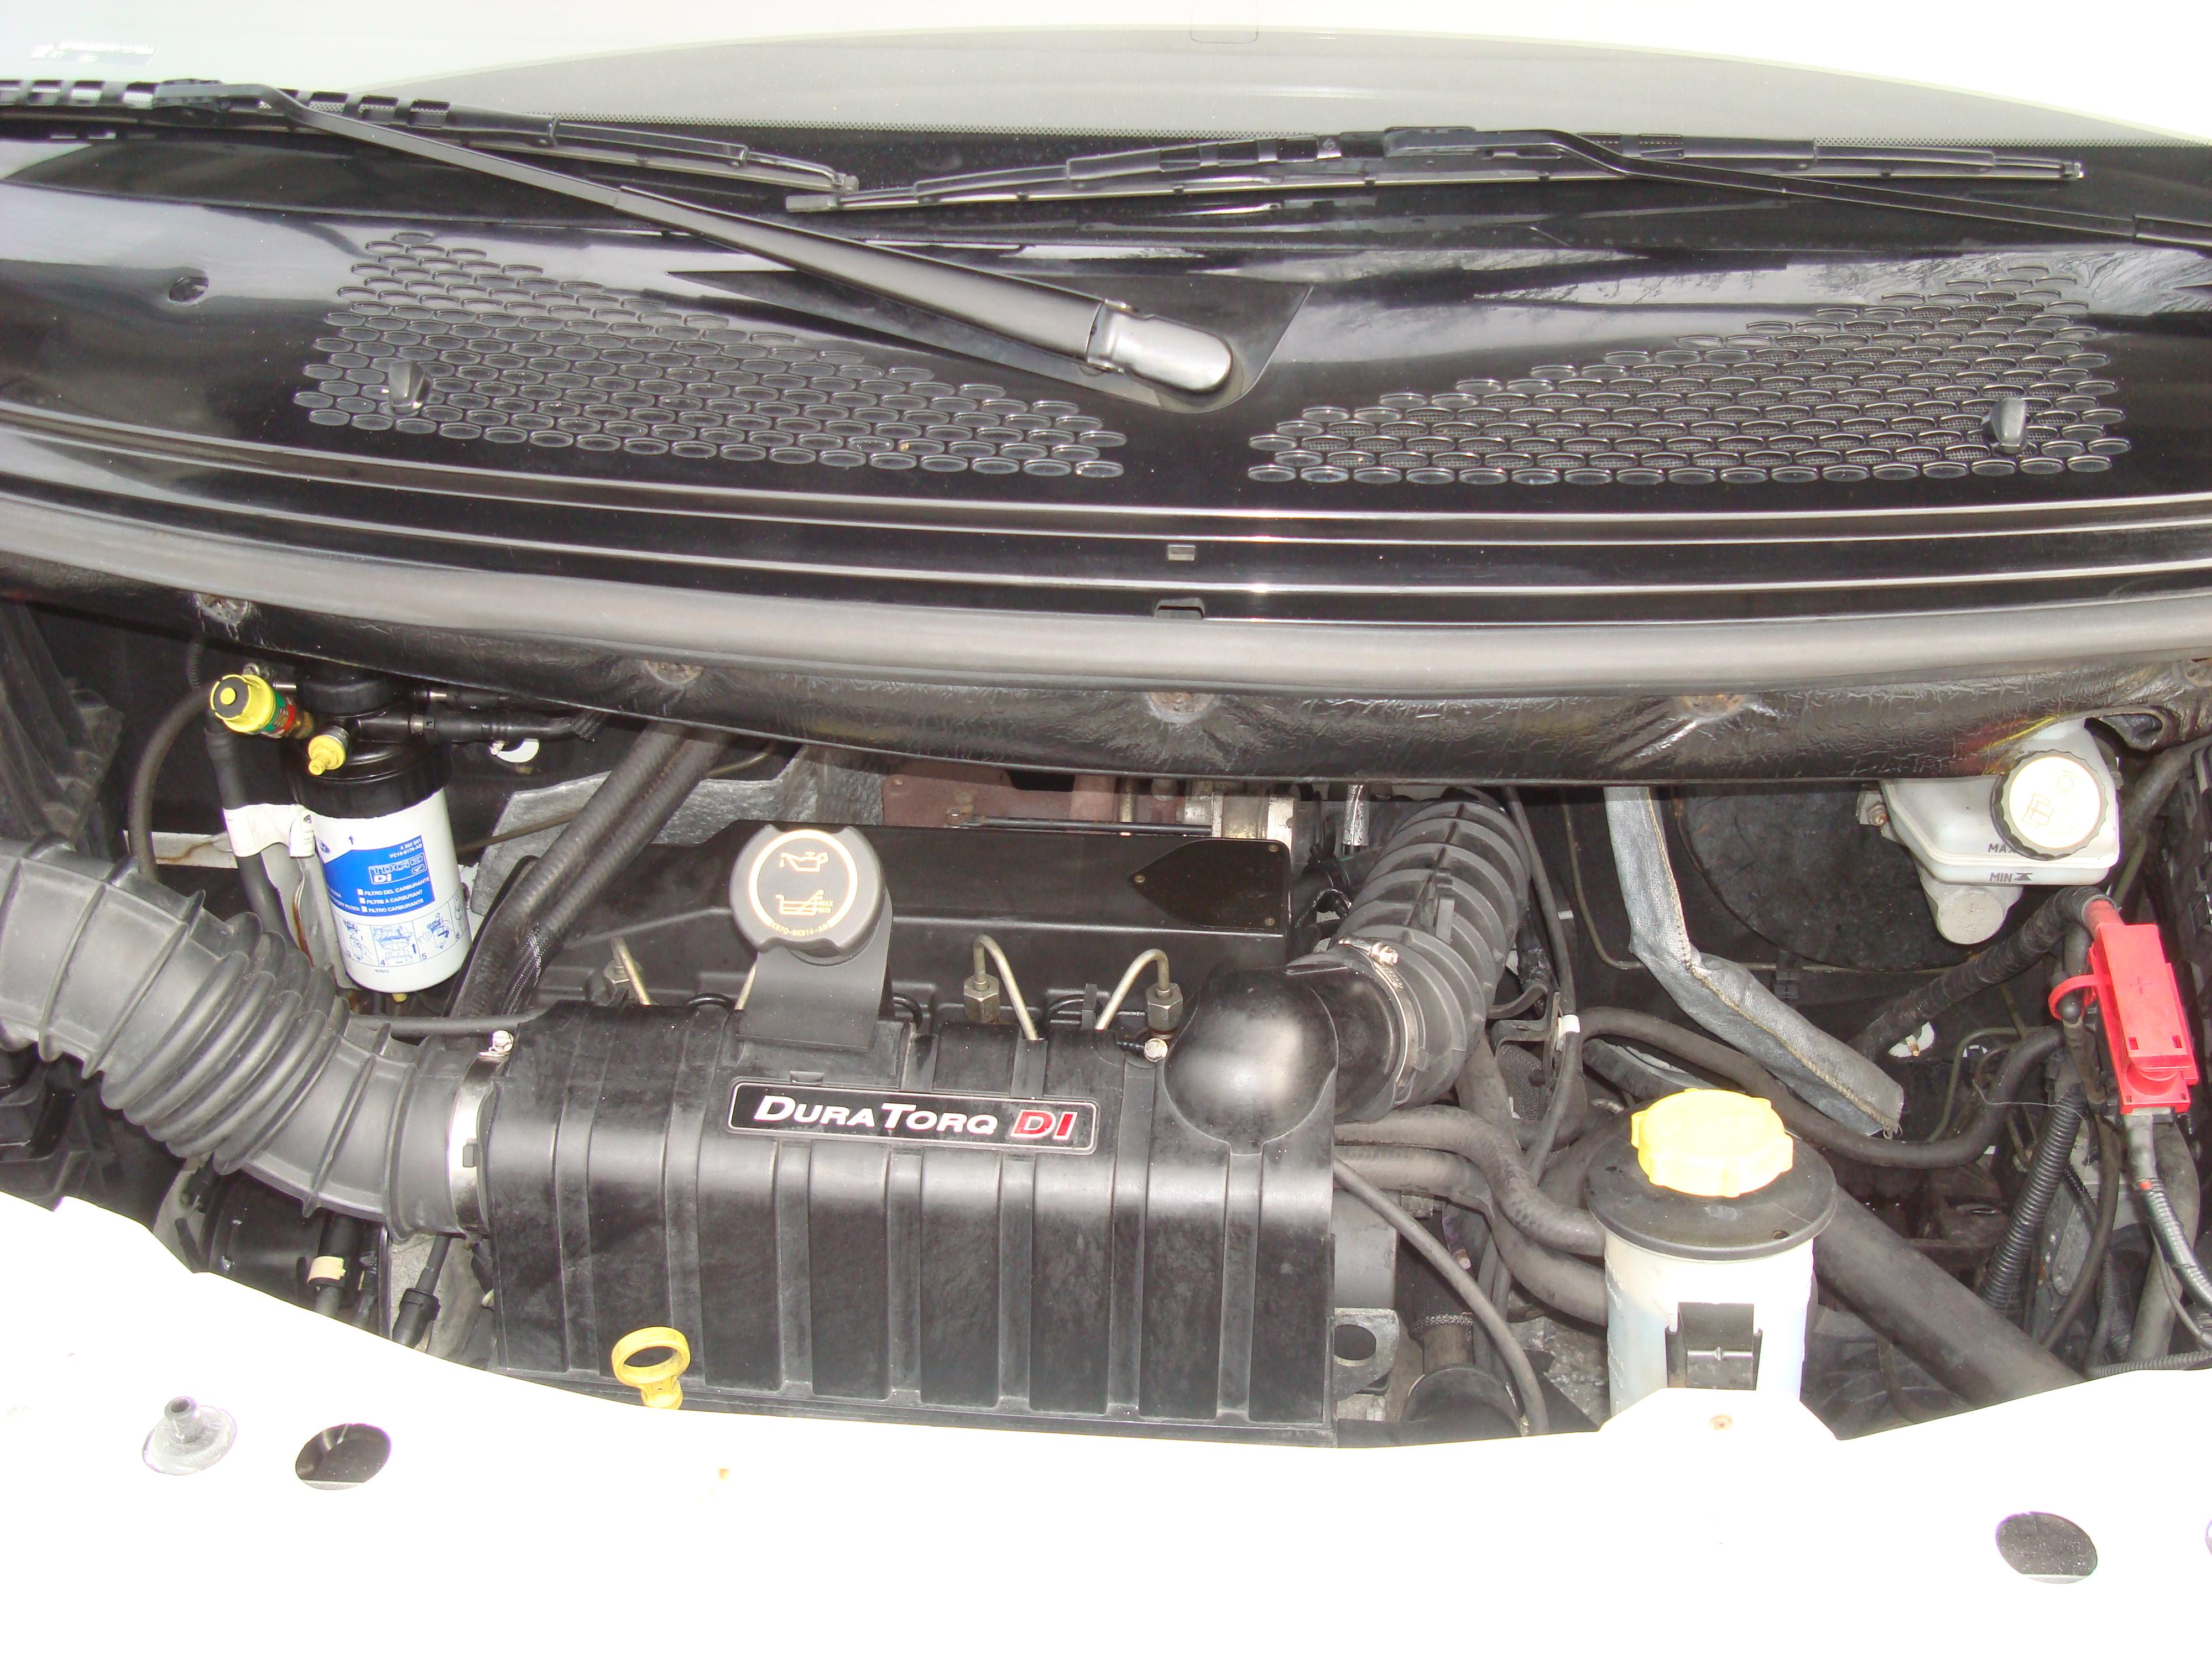 Установка ремня на двигатель форд транзит 2006 г фото 22 фотография